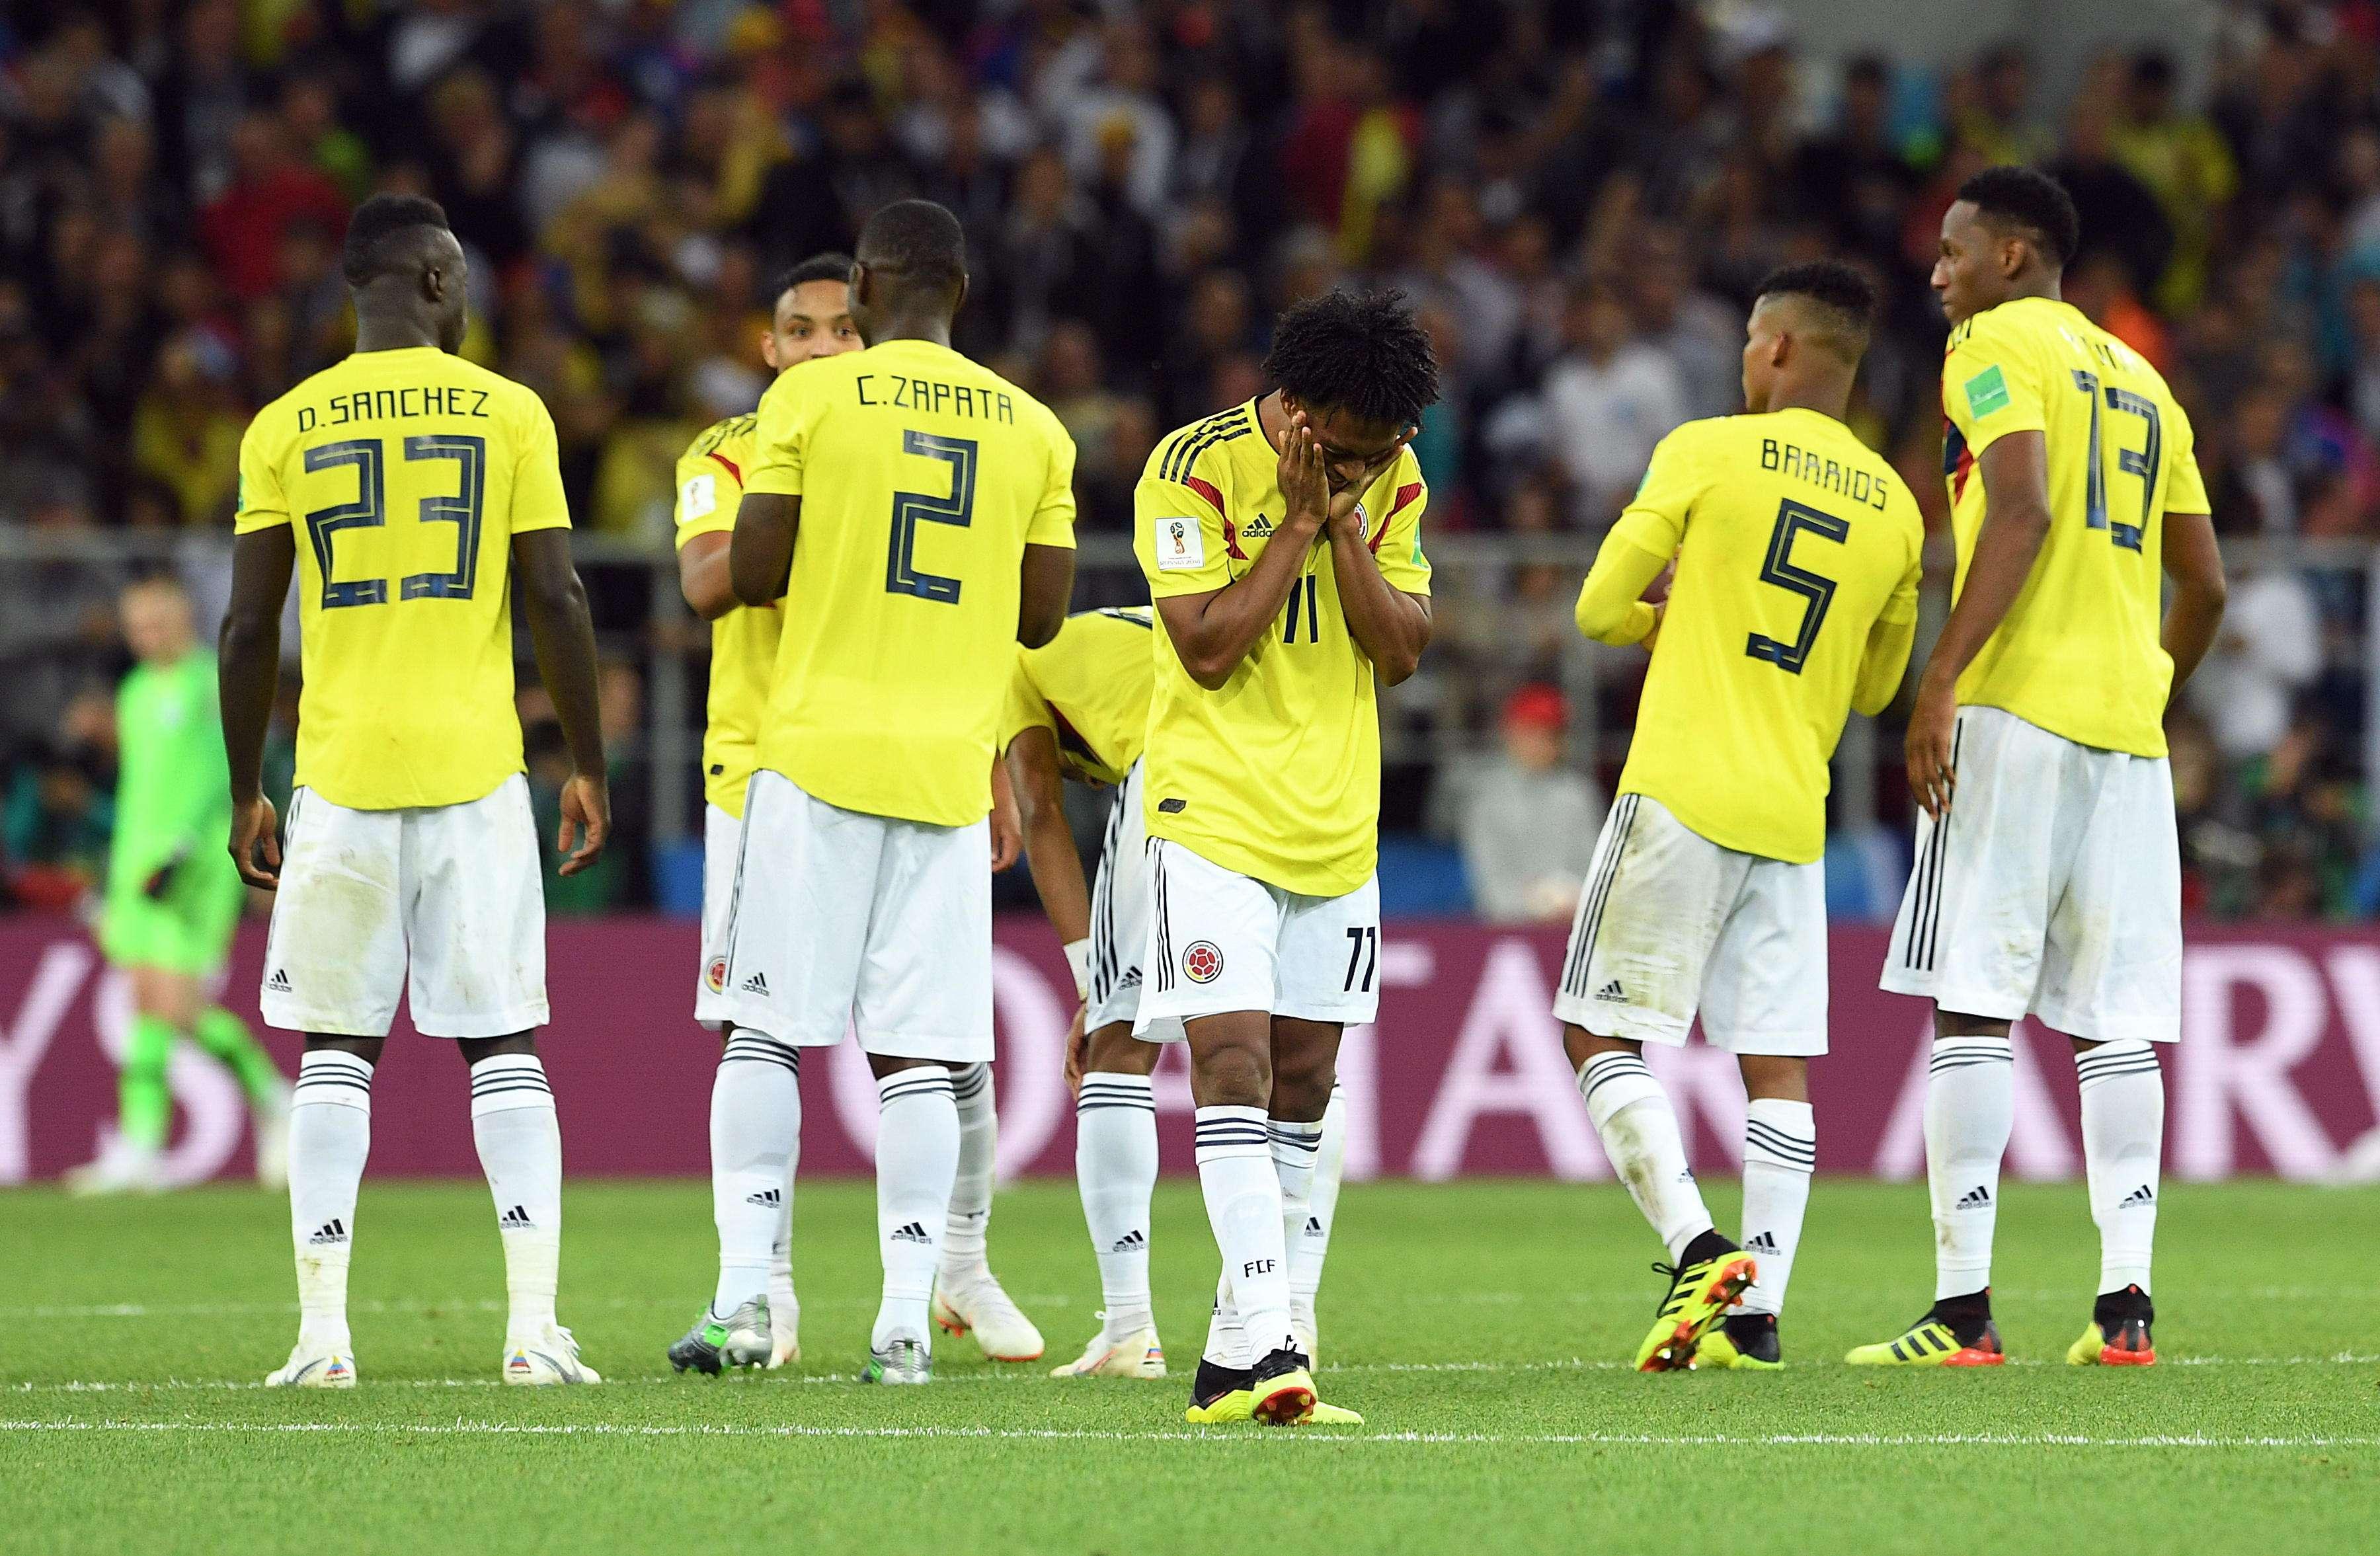 Inglaterra se clasificó a los cuartos de final. Foto: EFE